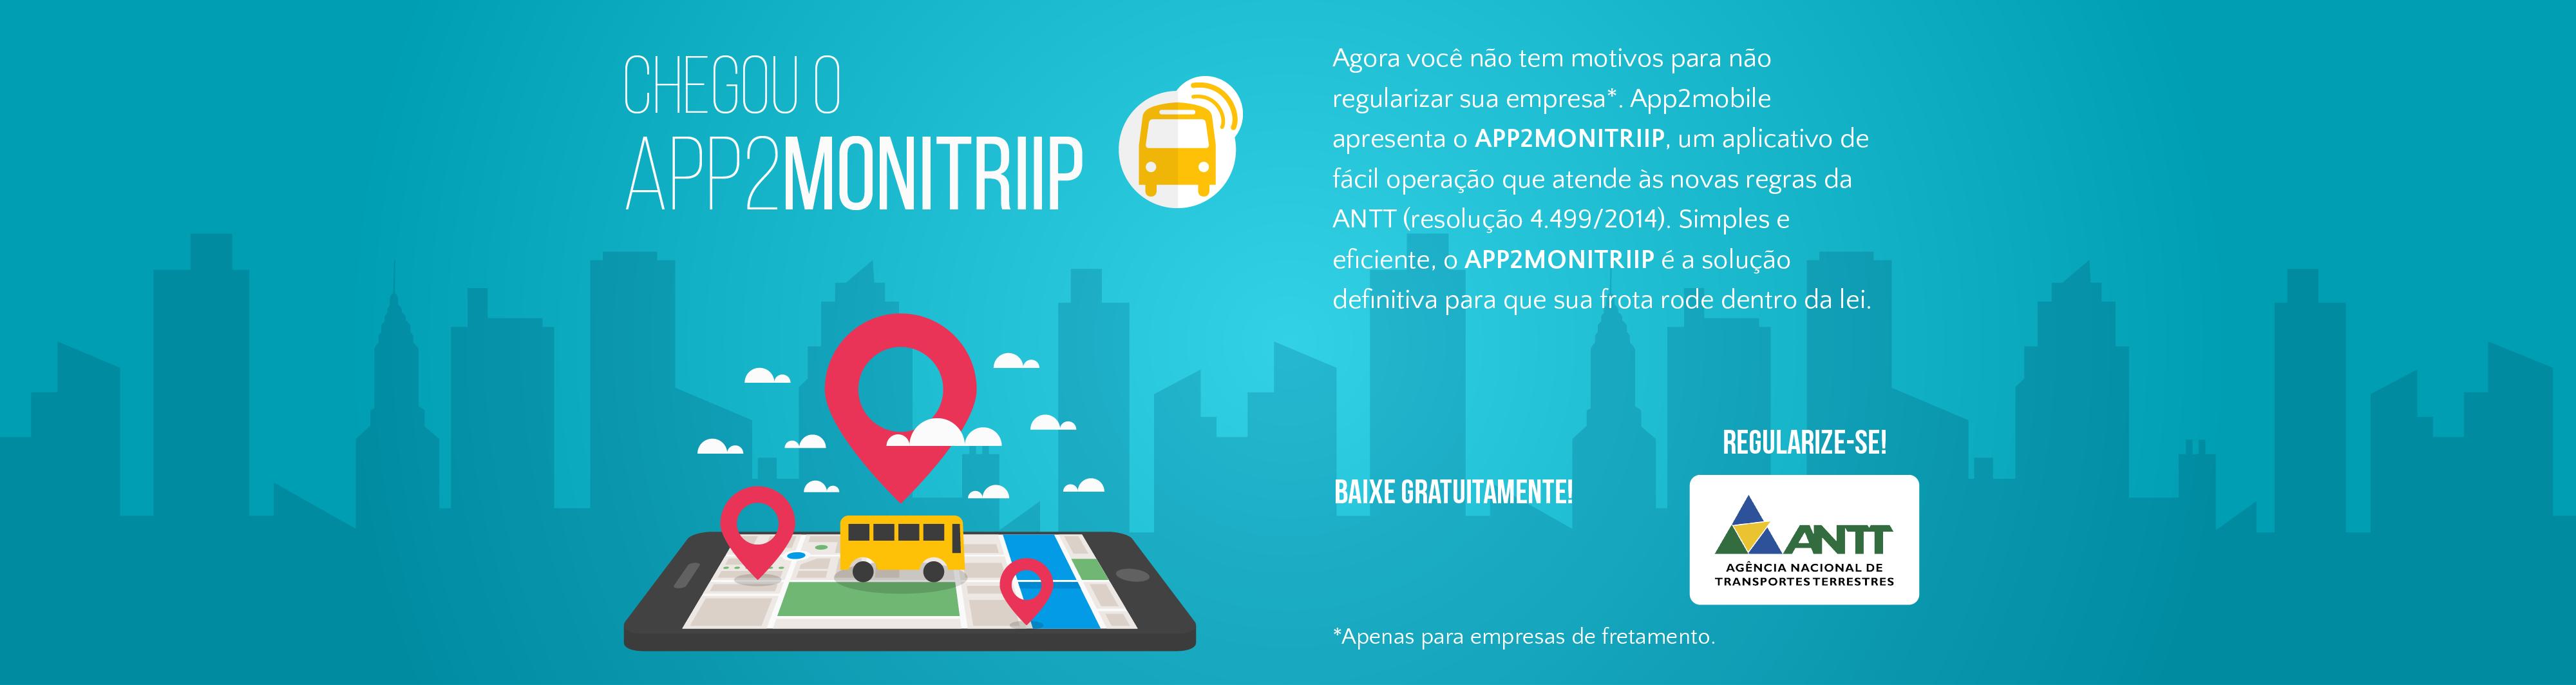 slide_app_monitriip-01